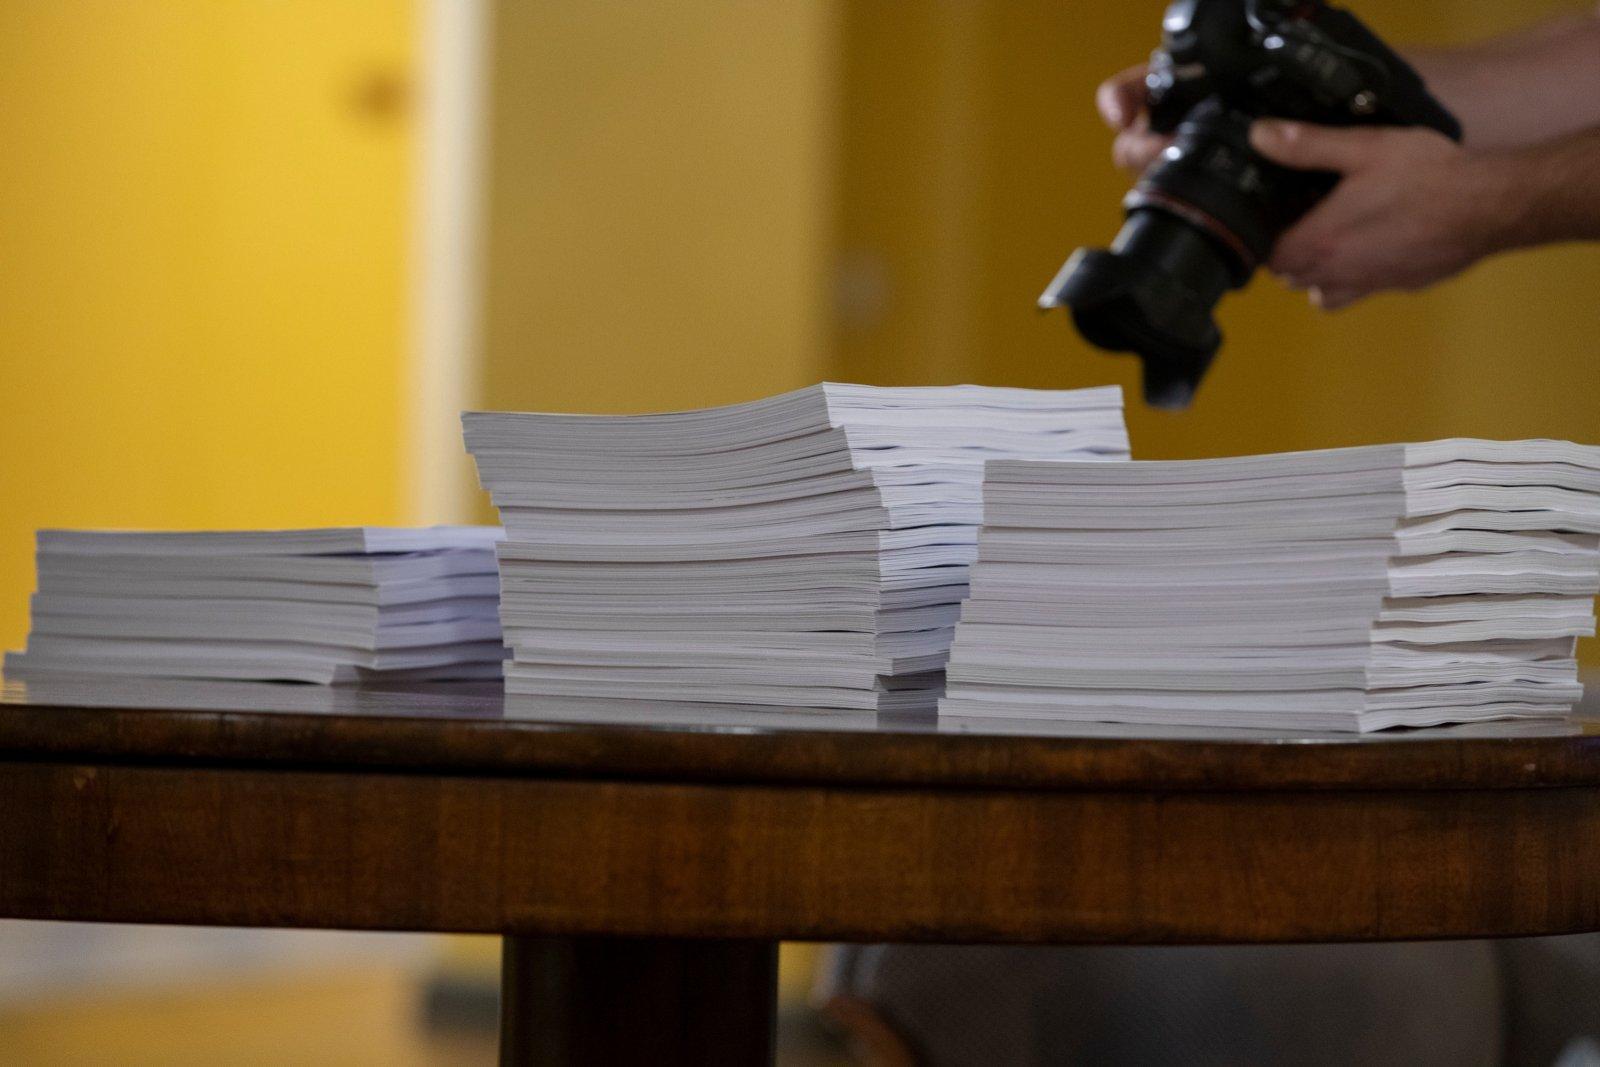 Abieluvõrdsuse toetajad on kogunud 80 000 eurot, abielu mehe ja naise liiduna põlistajad 70 000: